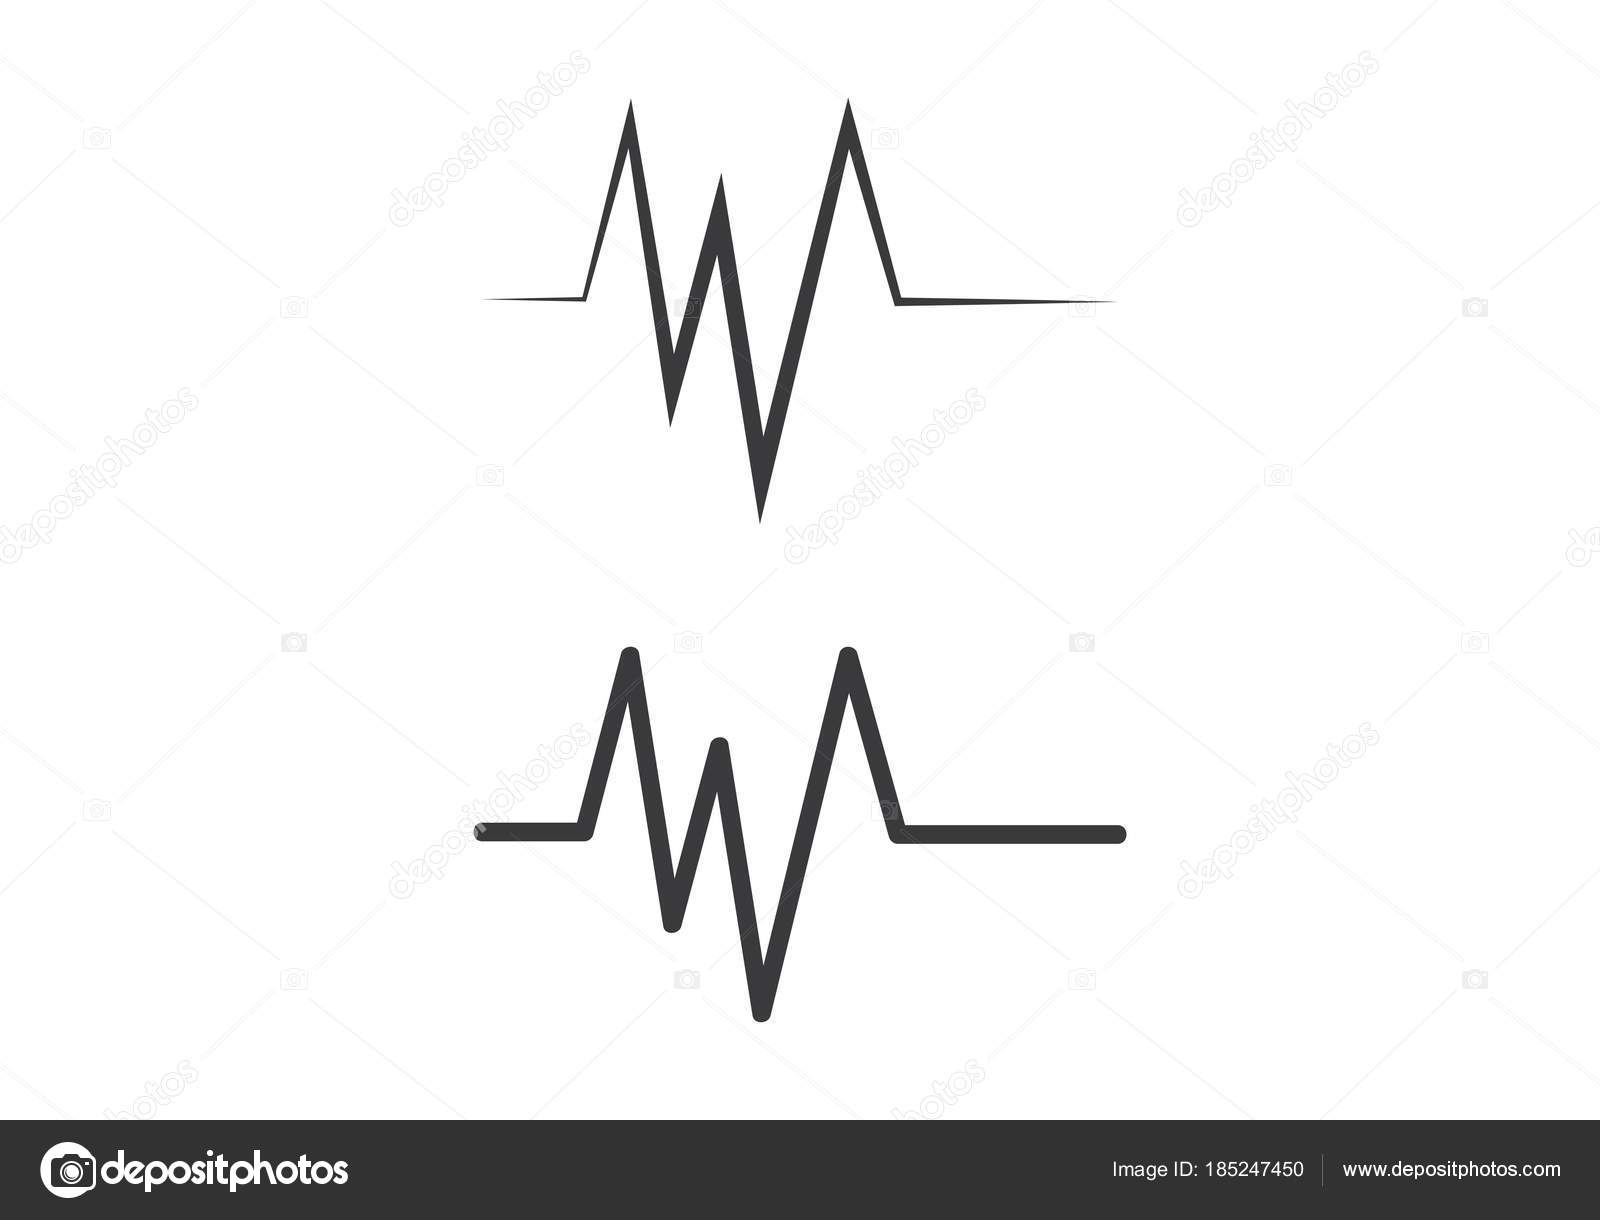 Heartbeat Line Art : Heartbeat cardiogram graph green line in heart shape stock